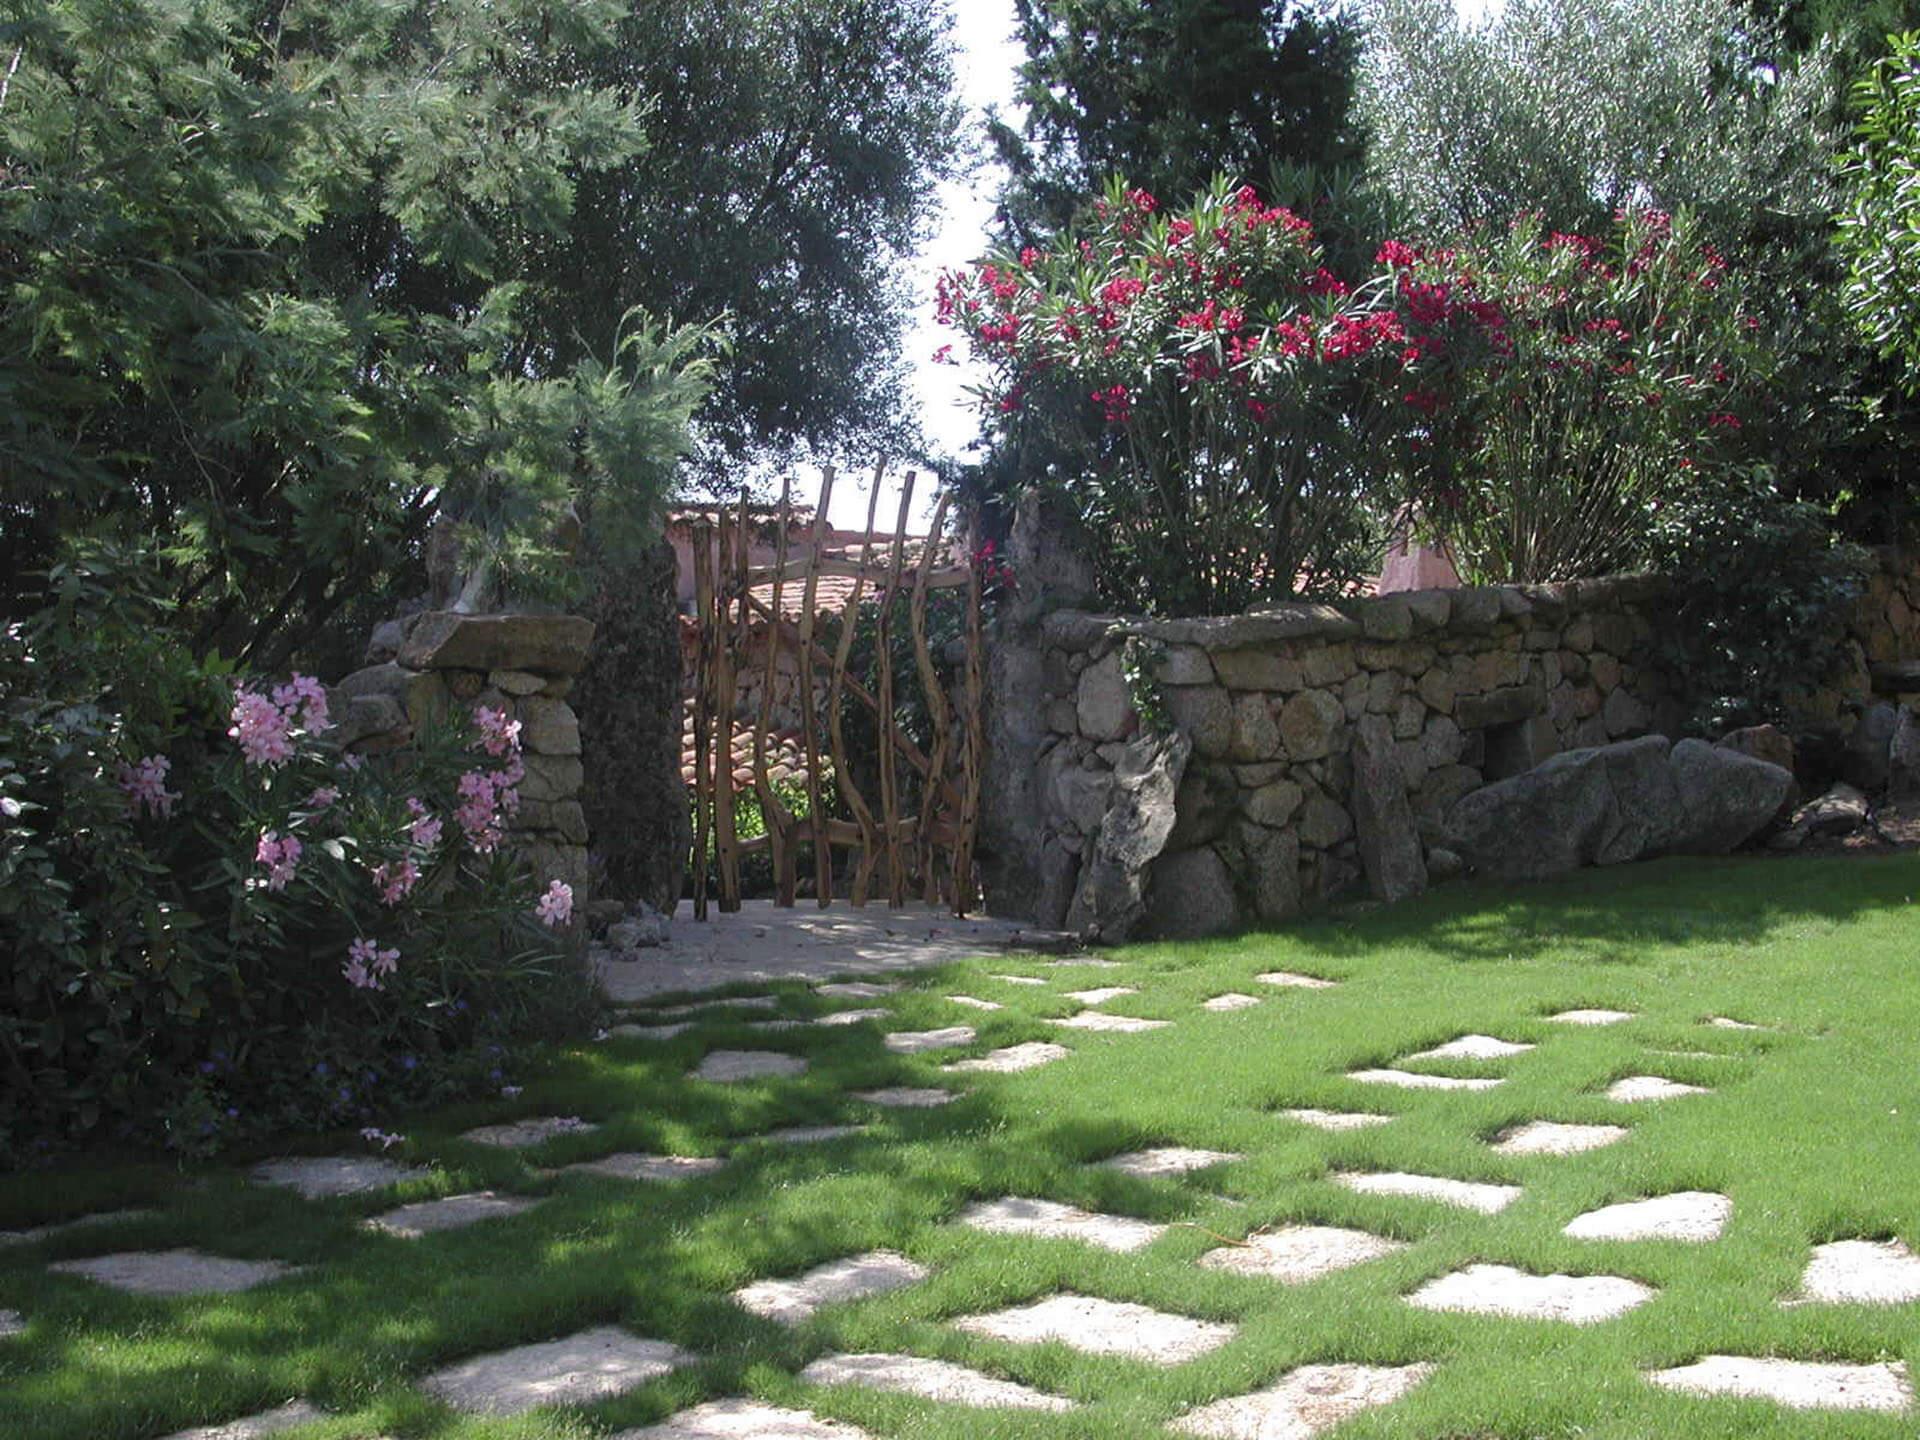 Progettazione giardini roma italservizi for Progettazione giardini roma